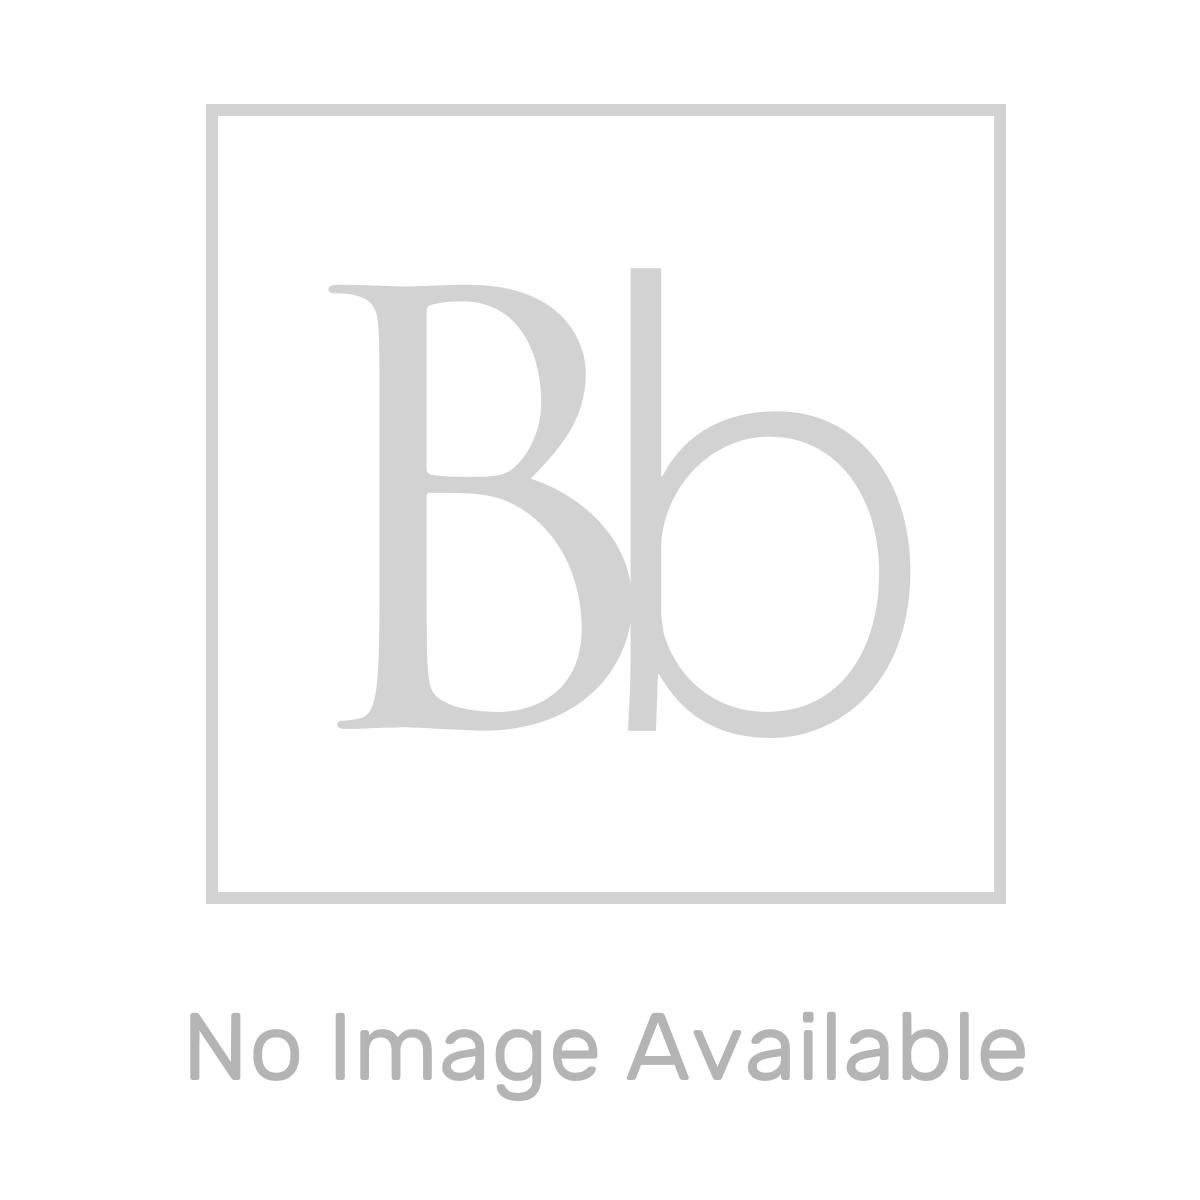 Reina Carina Designer Electric Towel Rail 1200 x 500mm in Chrome